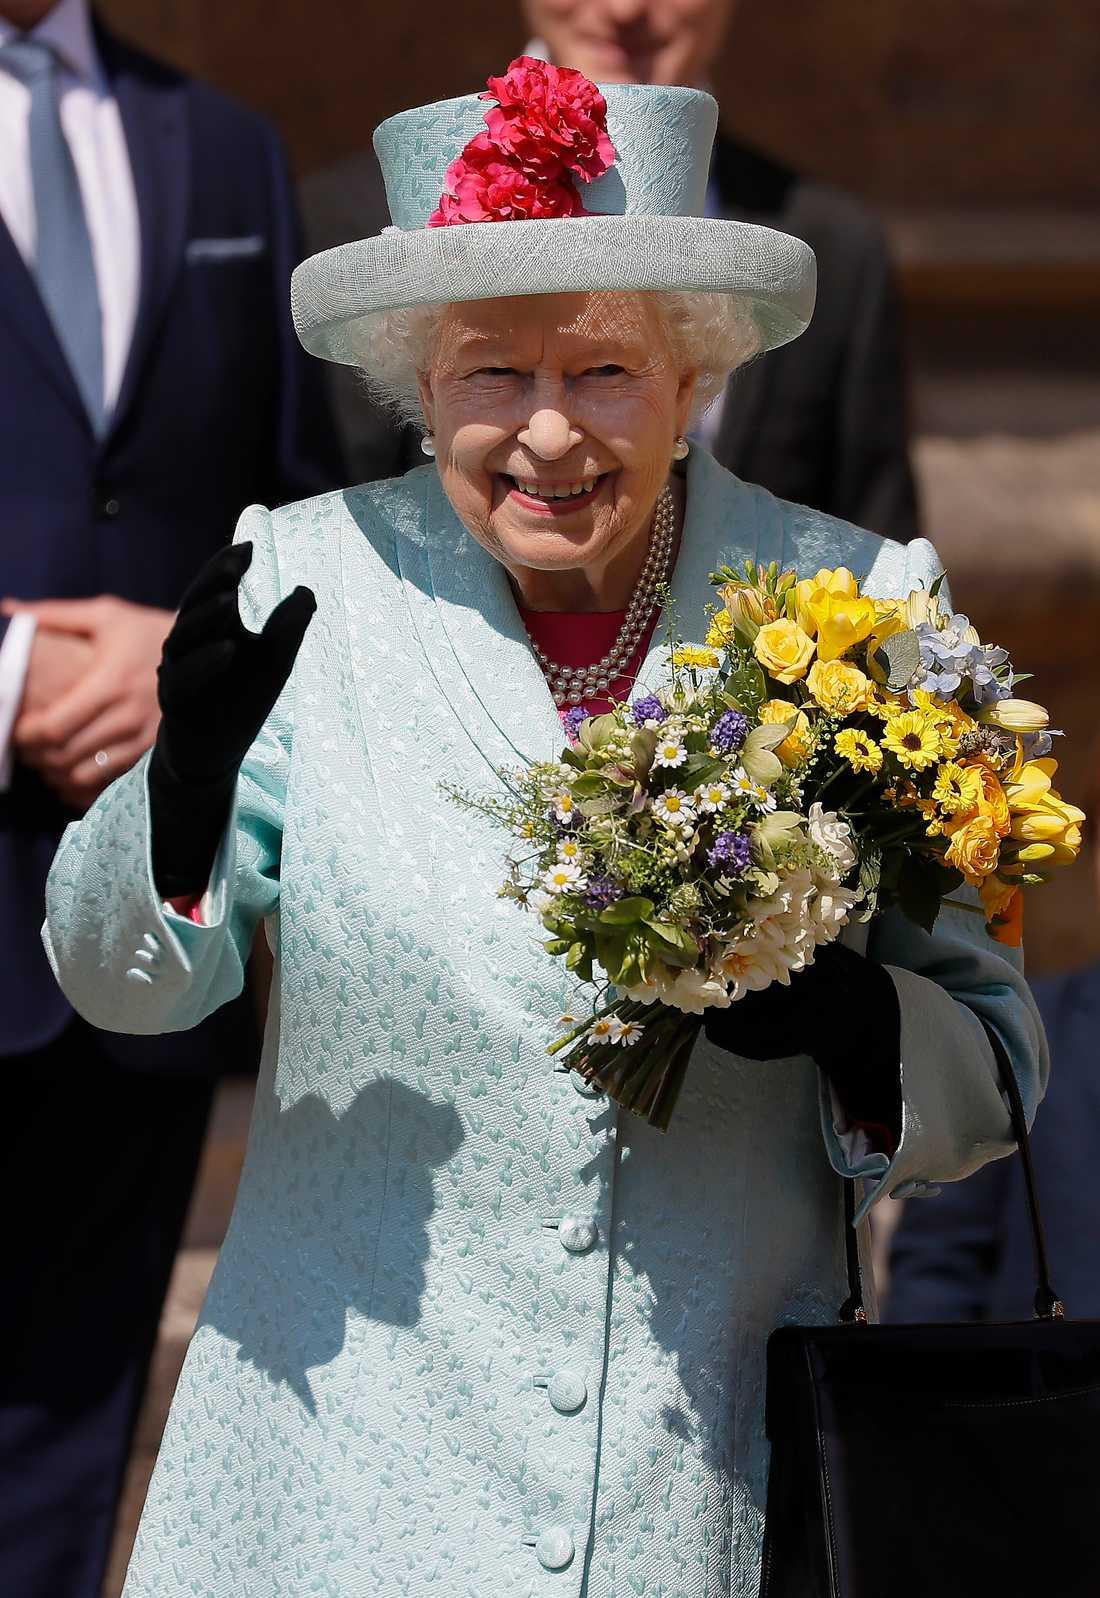 I går firade Elizabeth II sin 93:e födelsedag. Hon bar en hatt med blommor och under kappan hade hon en knallrosa klänning.